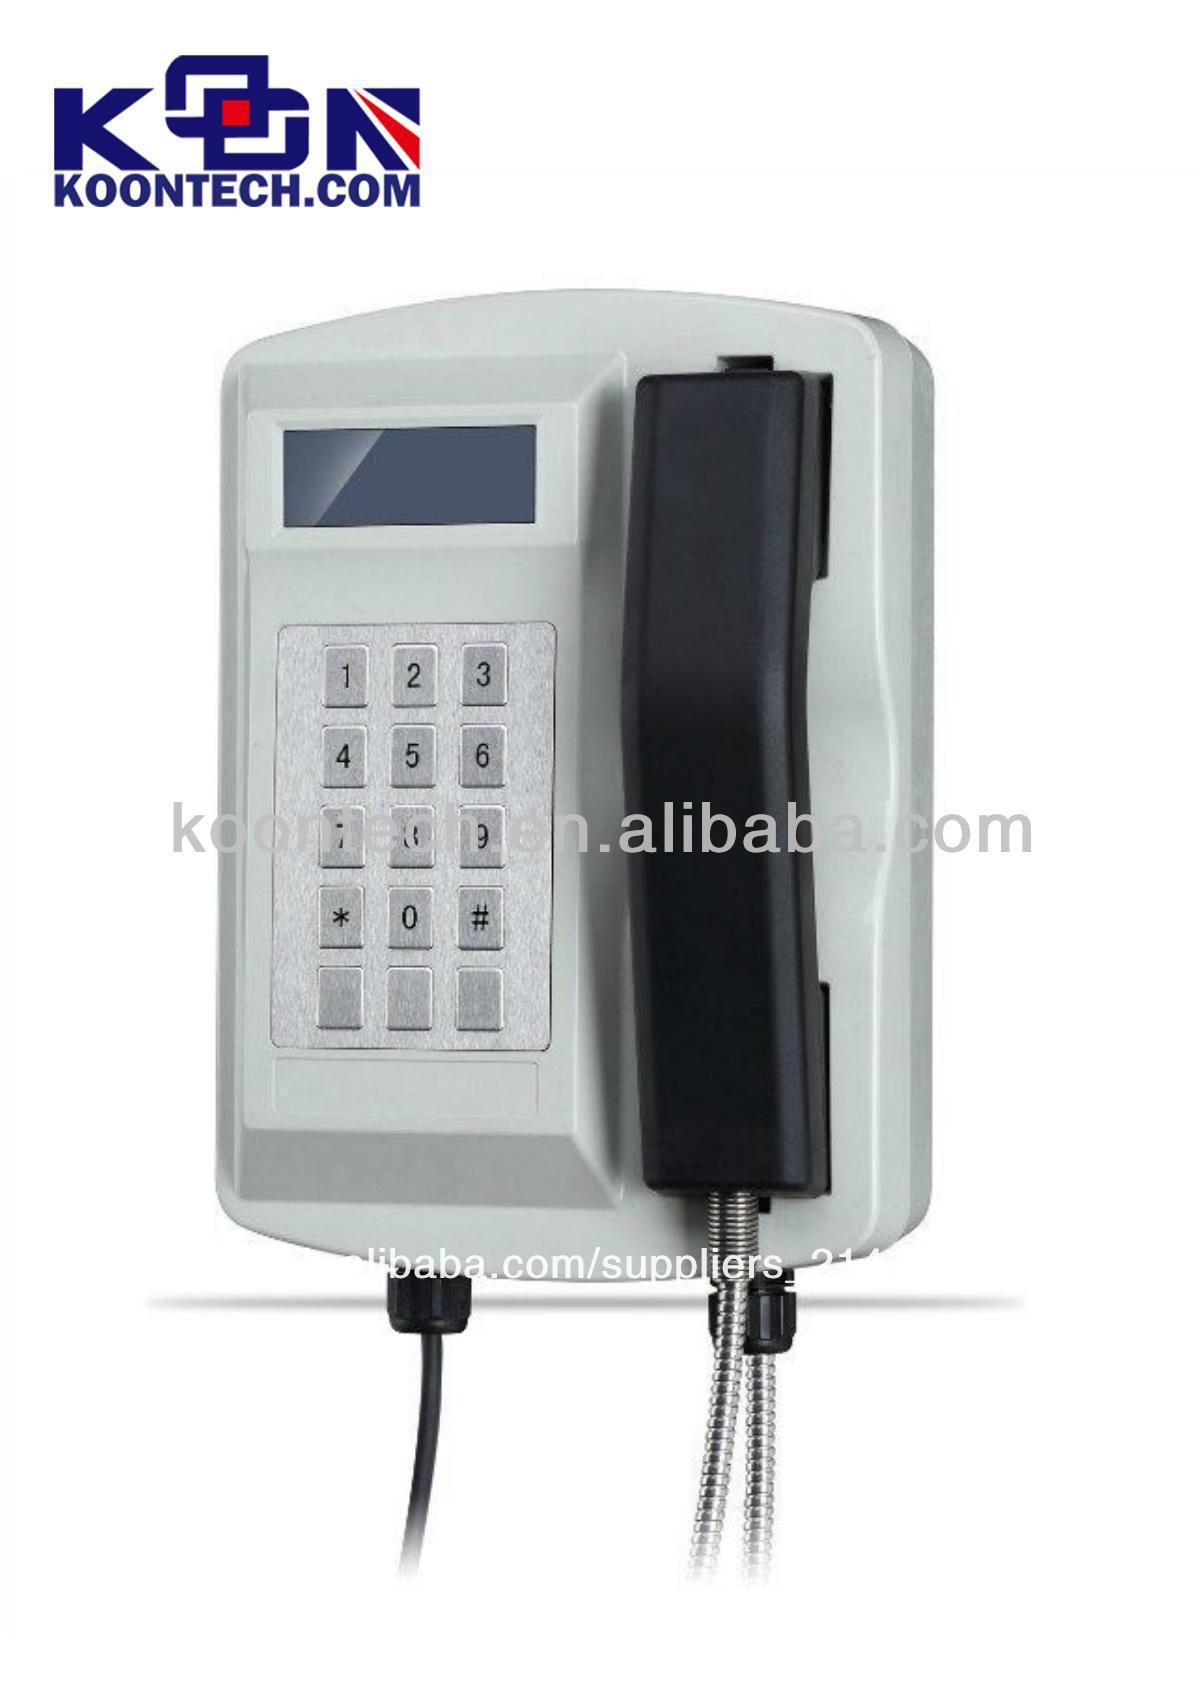 a prueba de agua más caliente de teléfono de voip de teléfono de seguridad del servicio telefónico